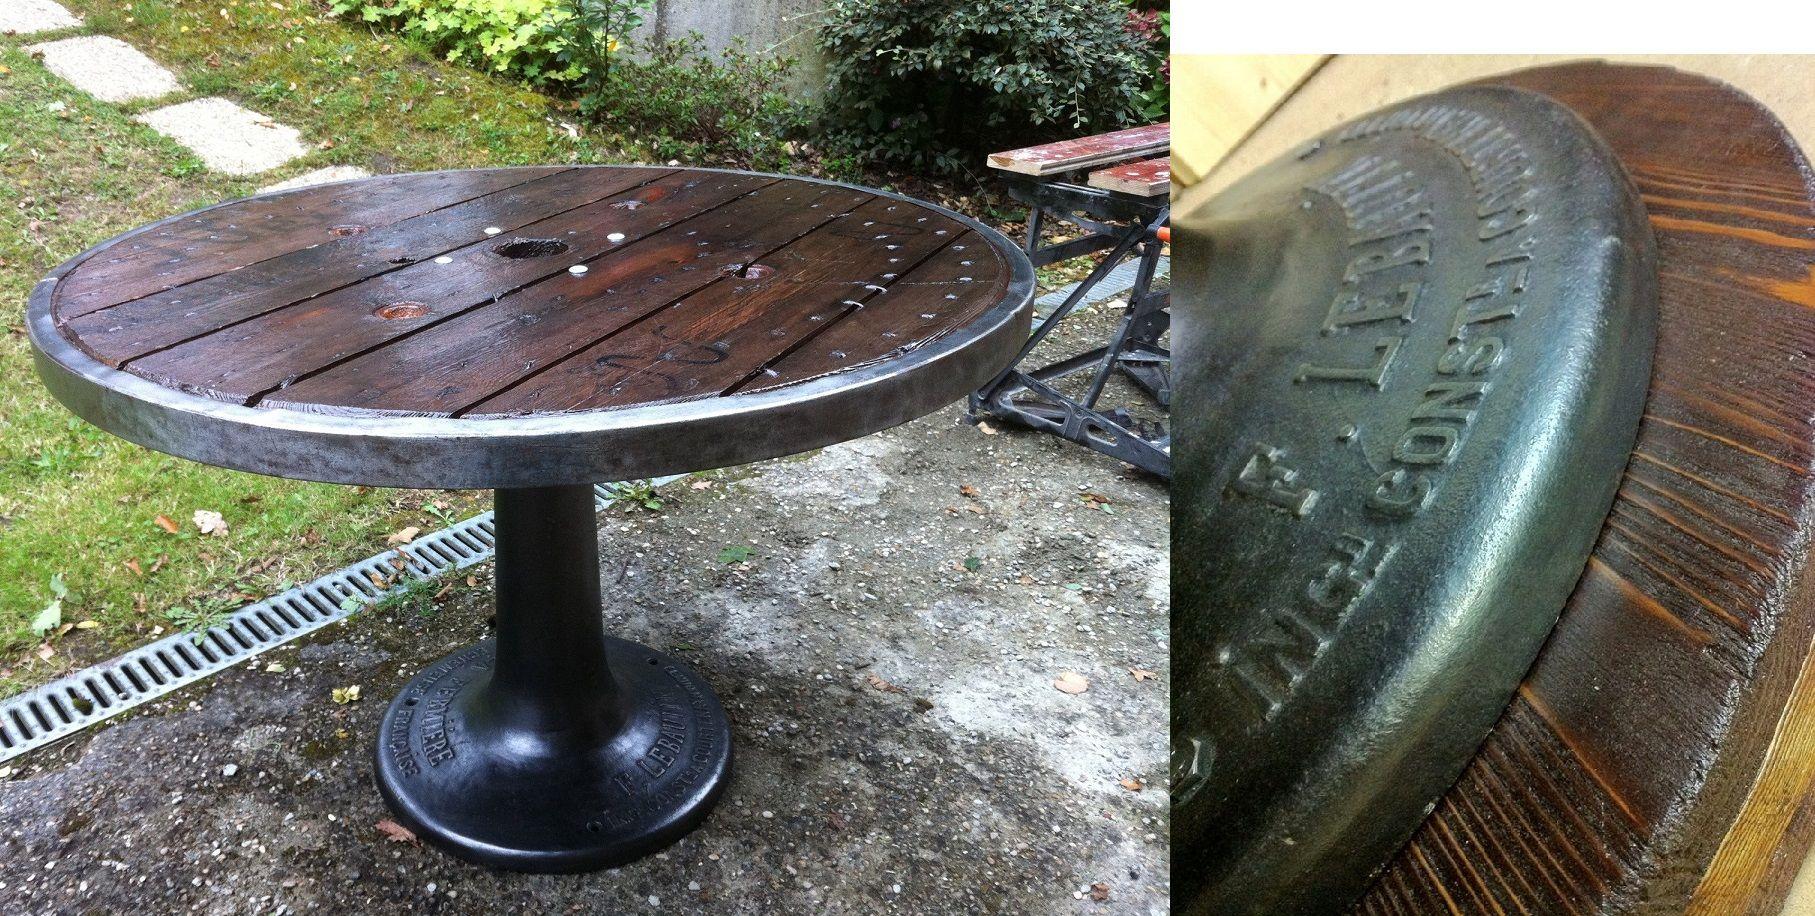 Table touret finalisée - détail d'une des entretoise finition